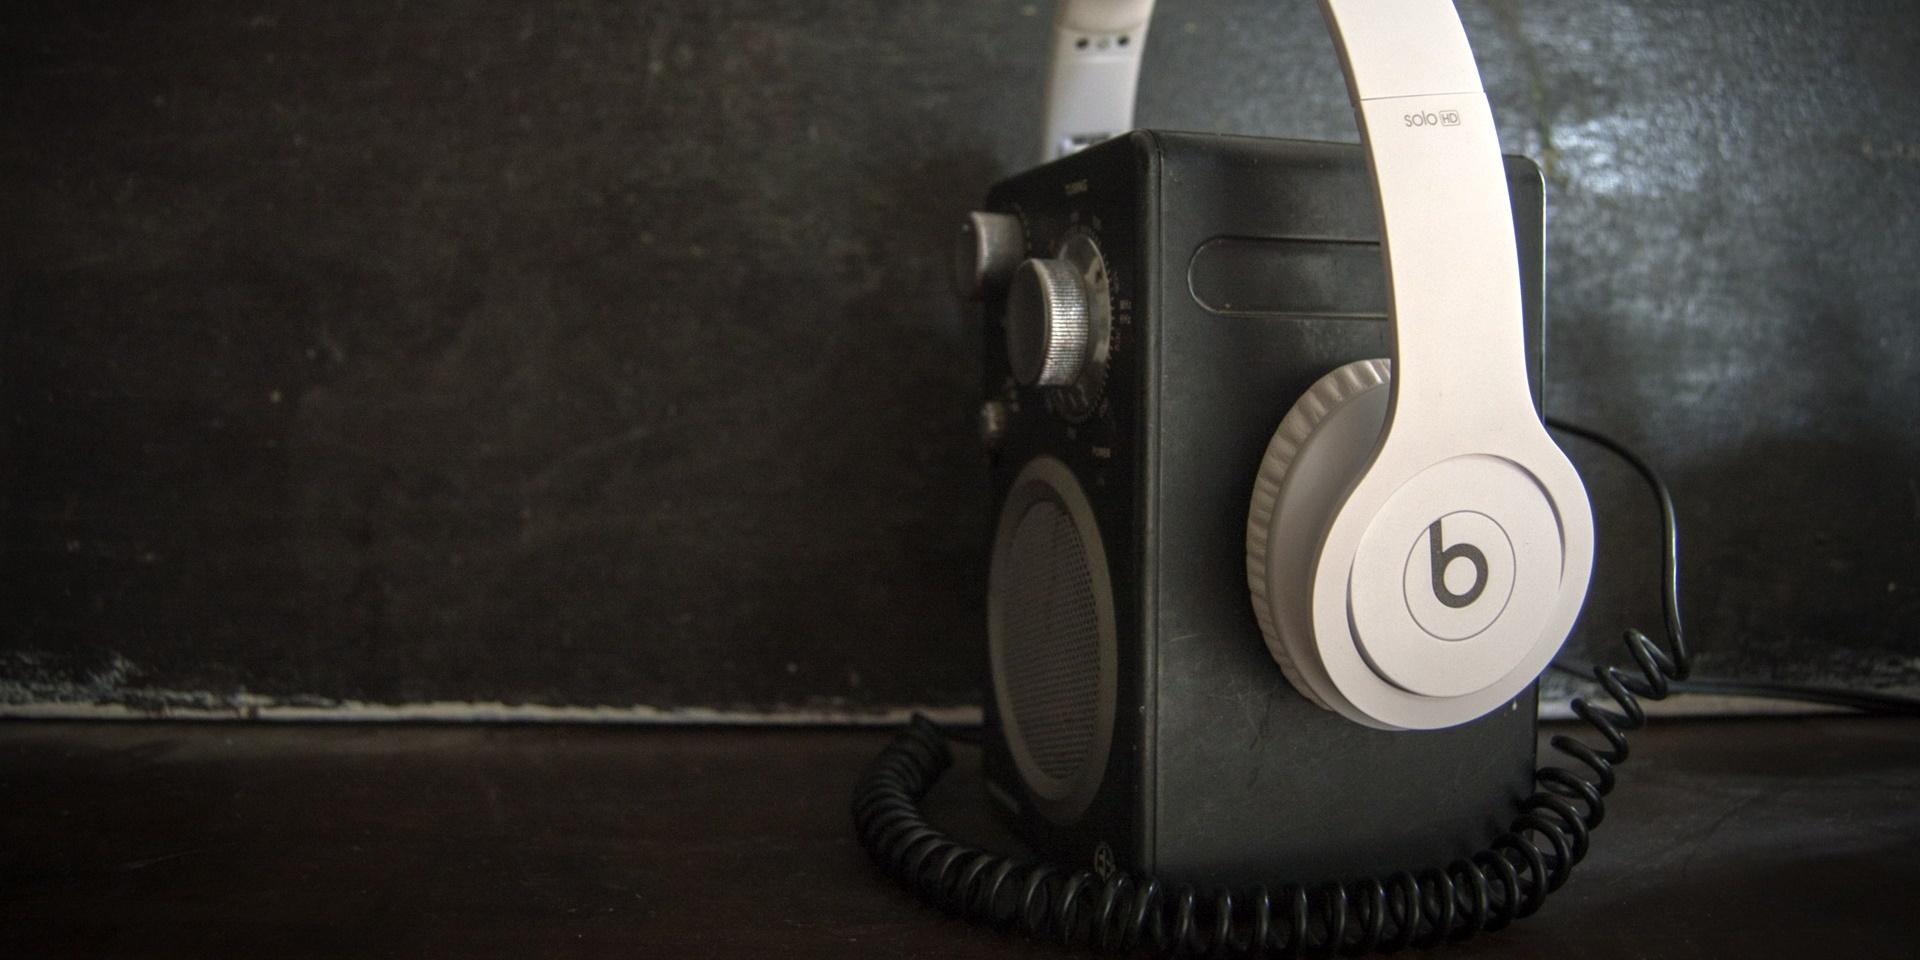 業務用/店舗用_音響システム【初心者向け】必要な機材と接続方法